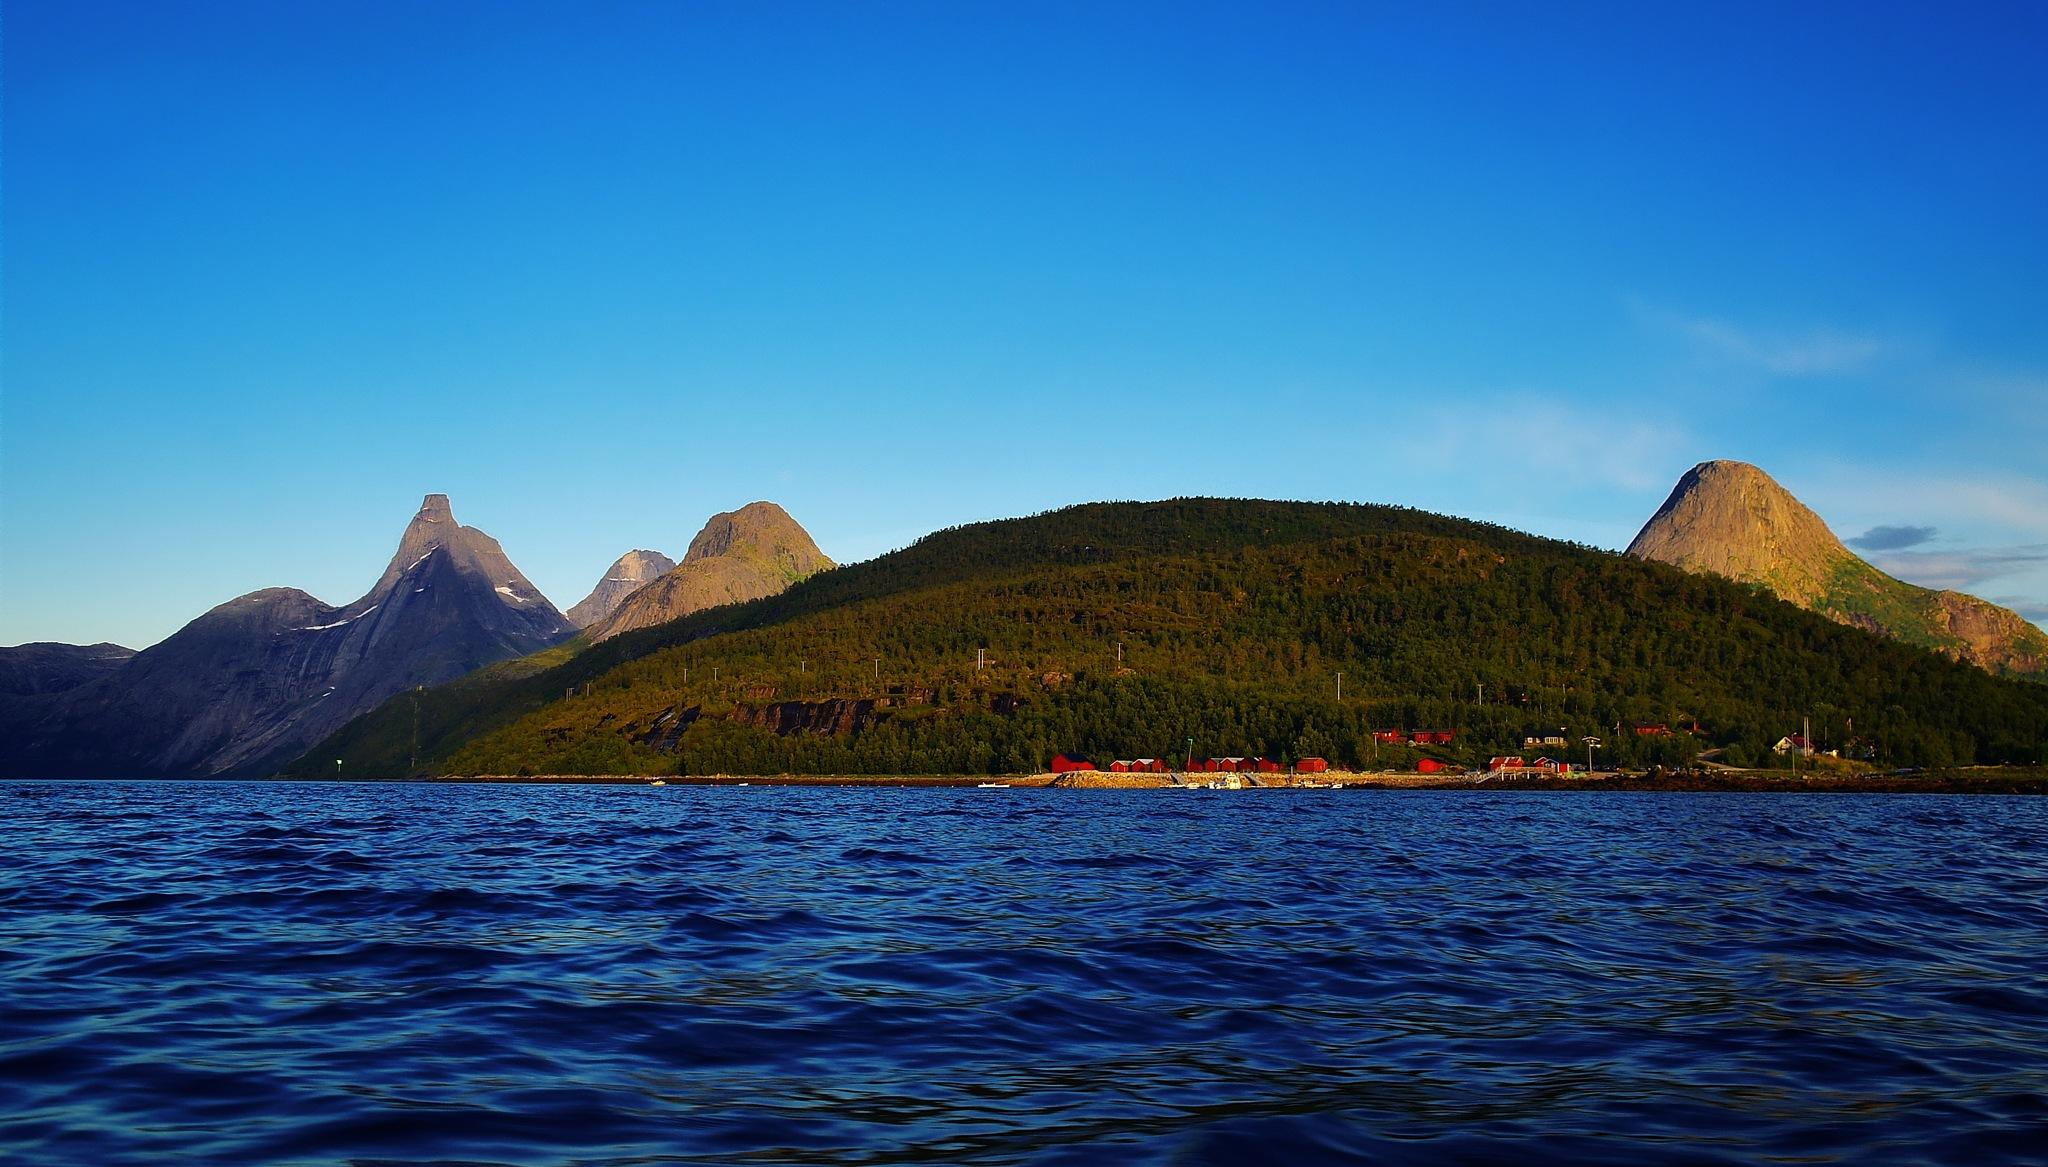 Tømmeråsen by John Frost-bite Slettjord